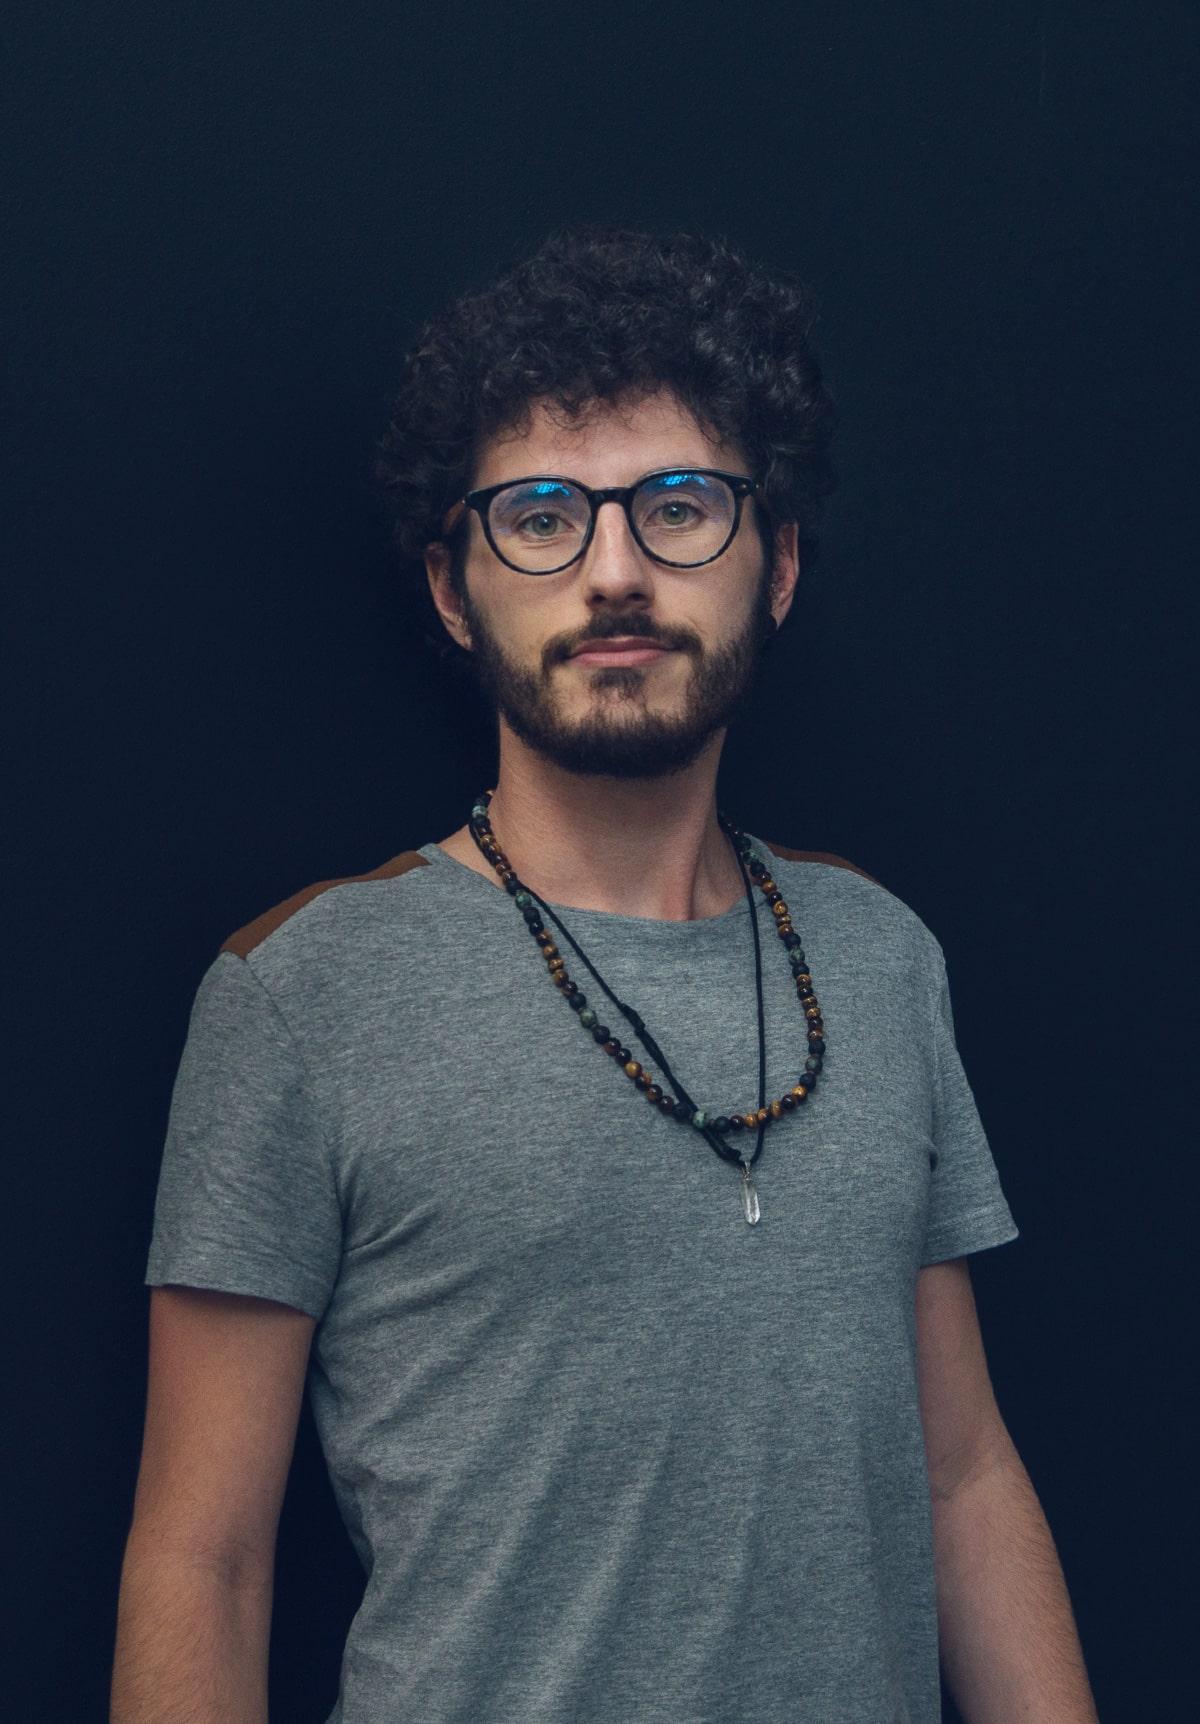 Nicolas Guenin